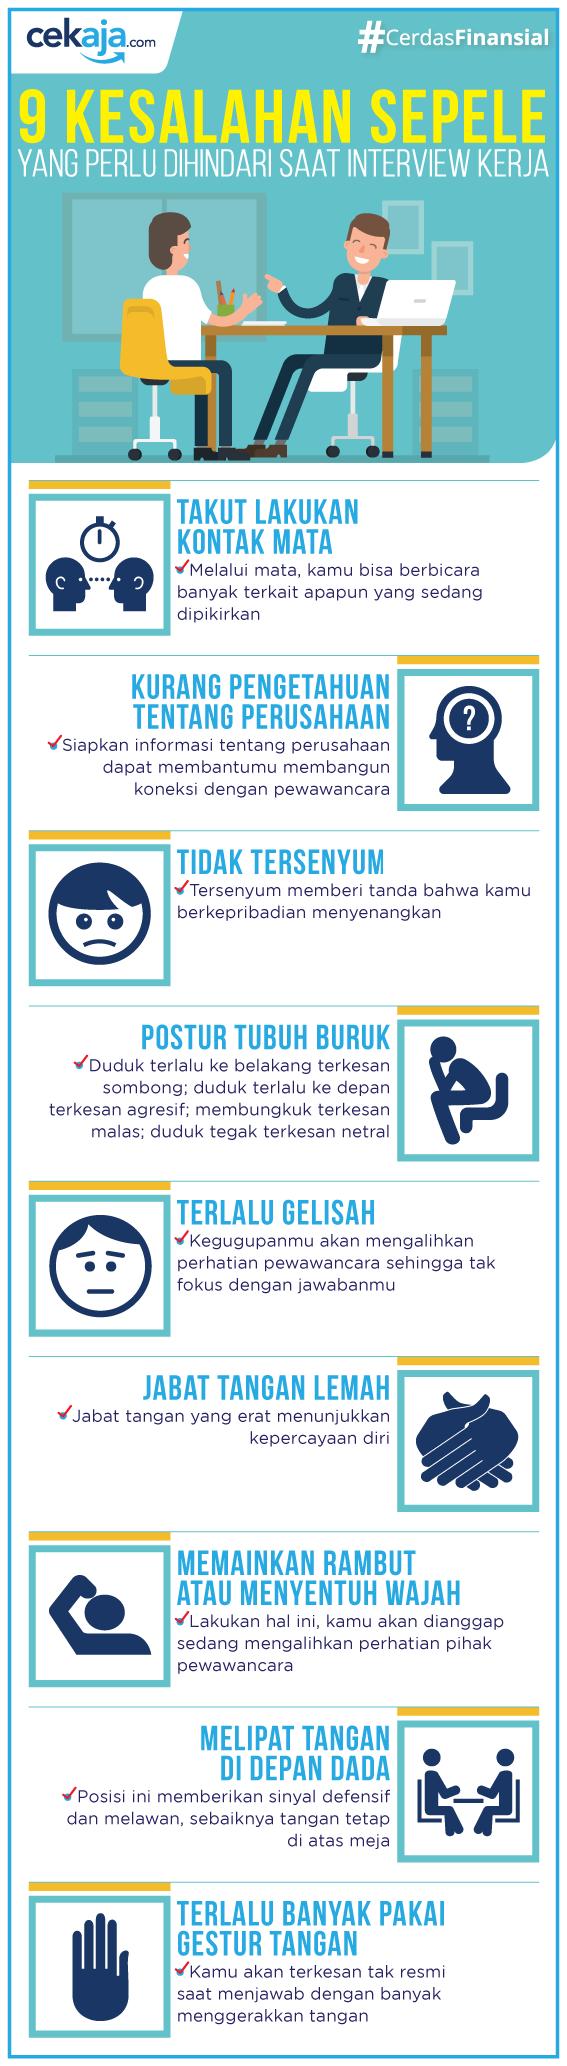 infografis-tips interview kerja - CekAja.com